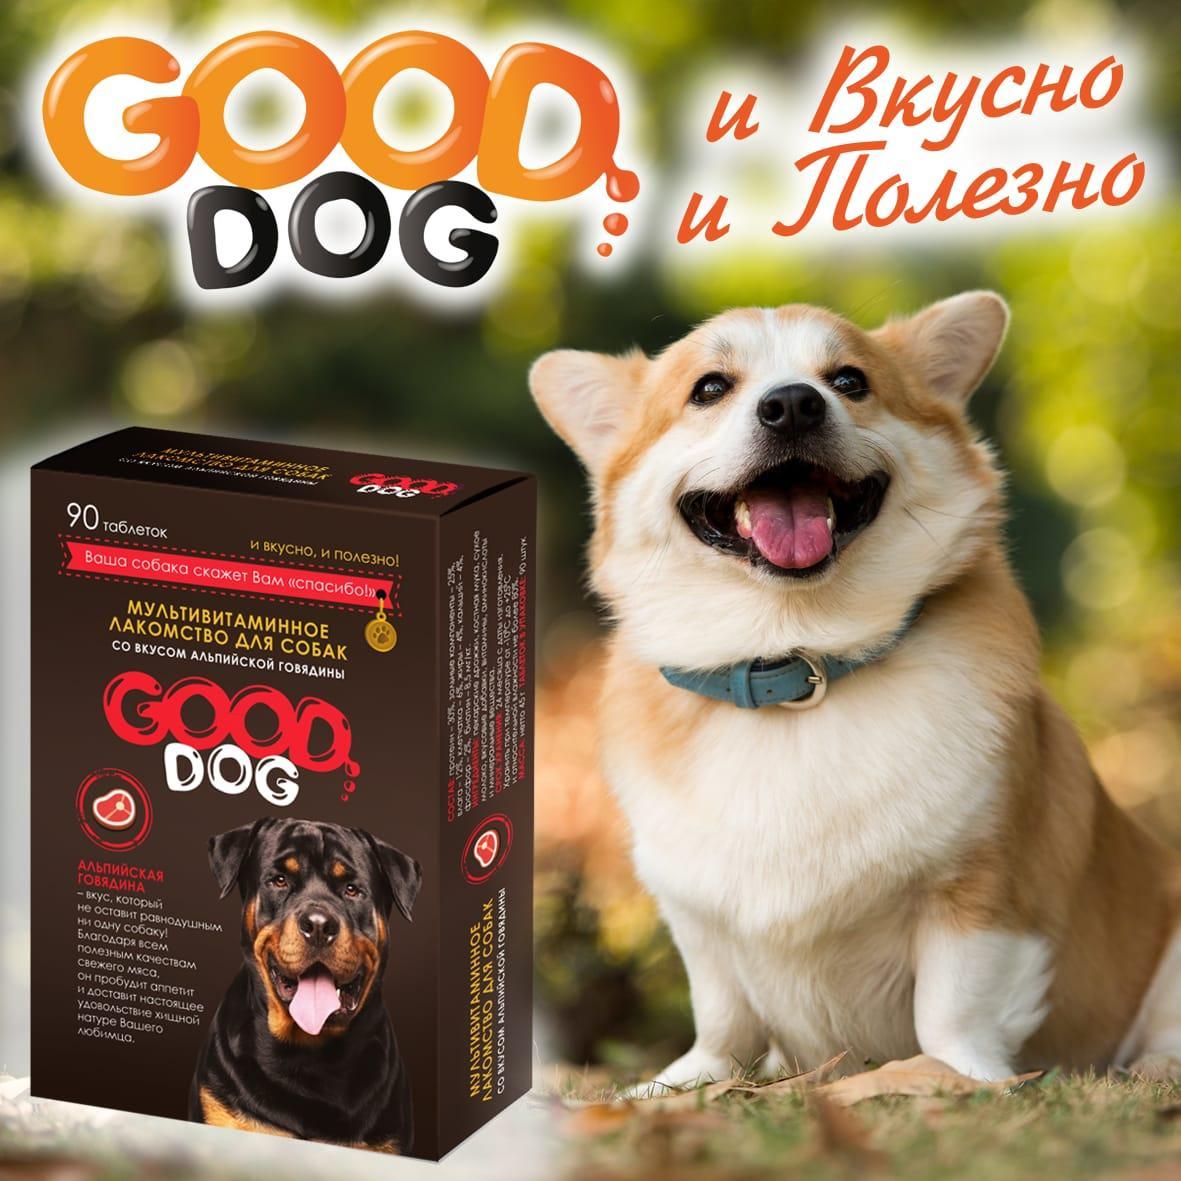 Good Dog Мультивитаминное лакомство для собак, со вкусом альпийской говядины